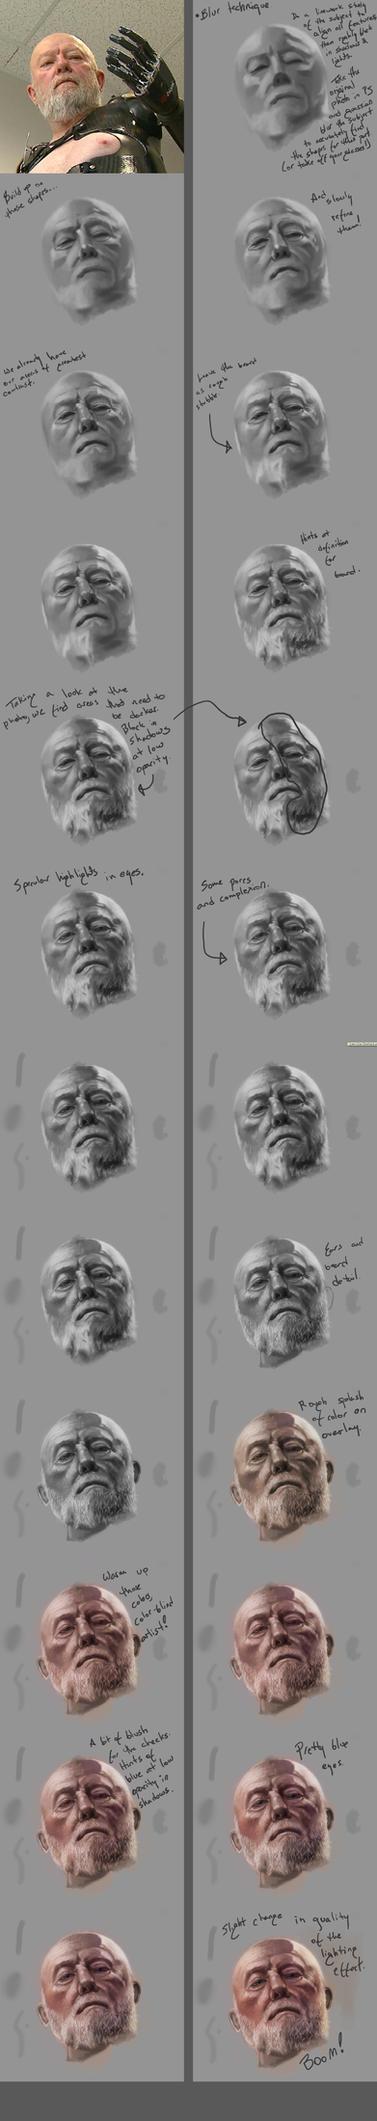 Les Baugh Process by Jinshin